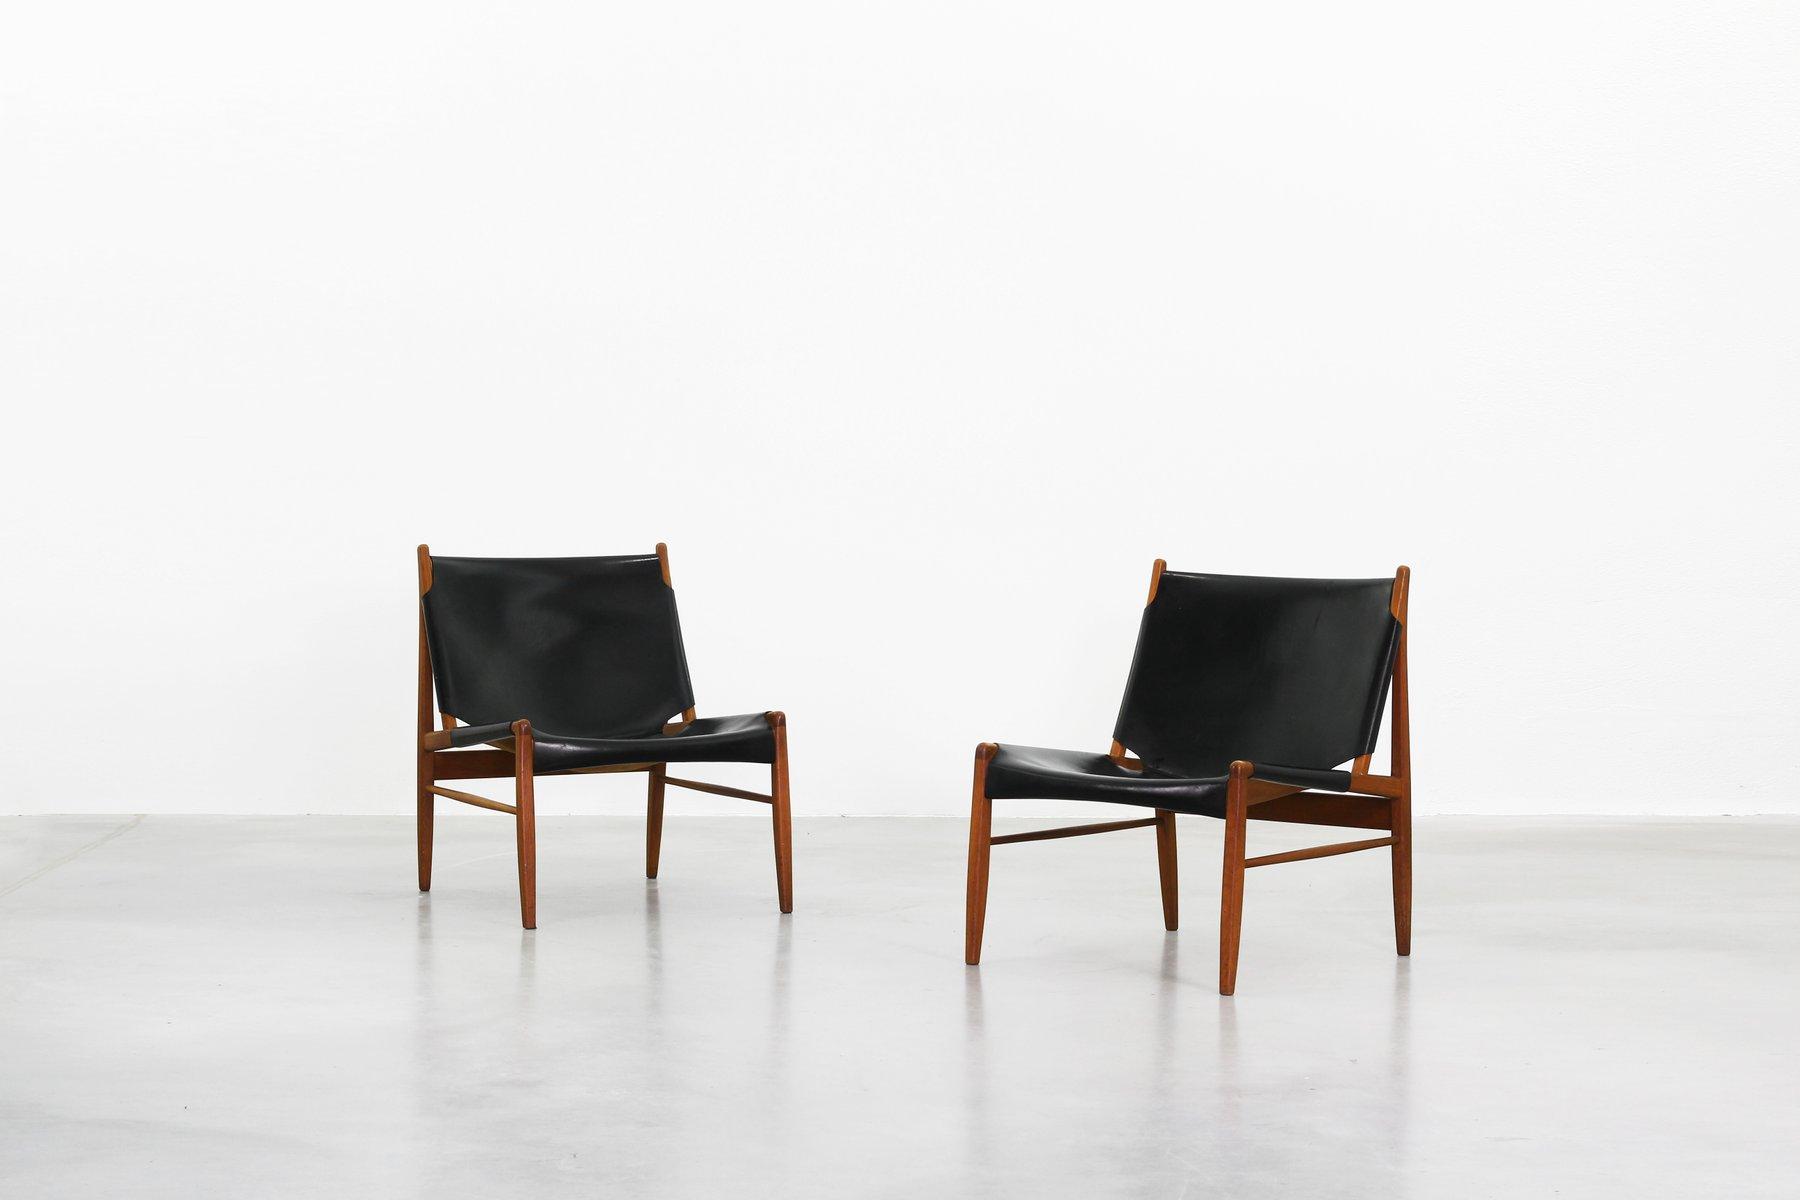 Stühle mit Ledersitzen von Franz Xaver Lutz für WK Mo?bel, 1958, 2er S...